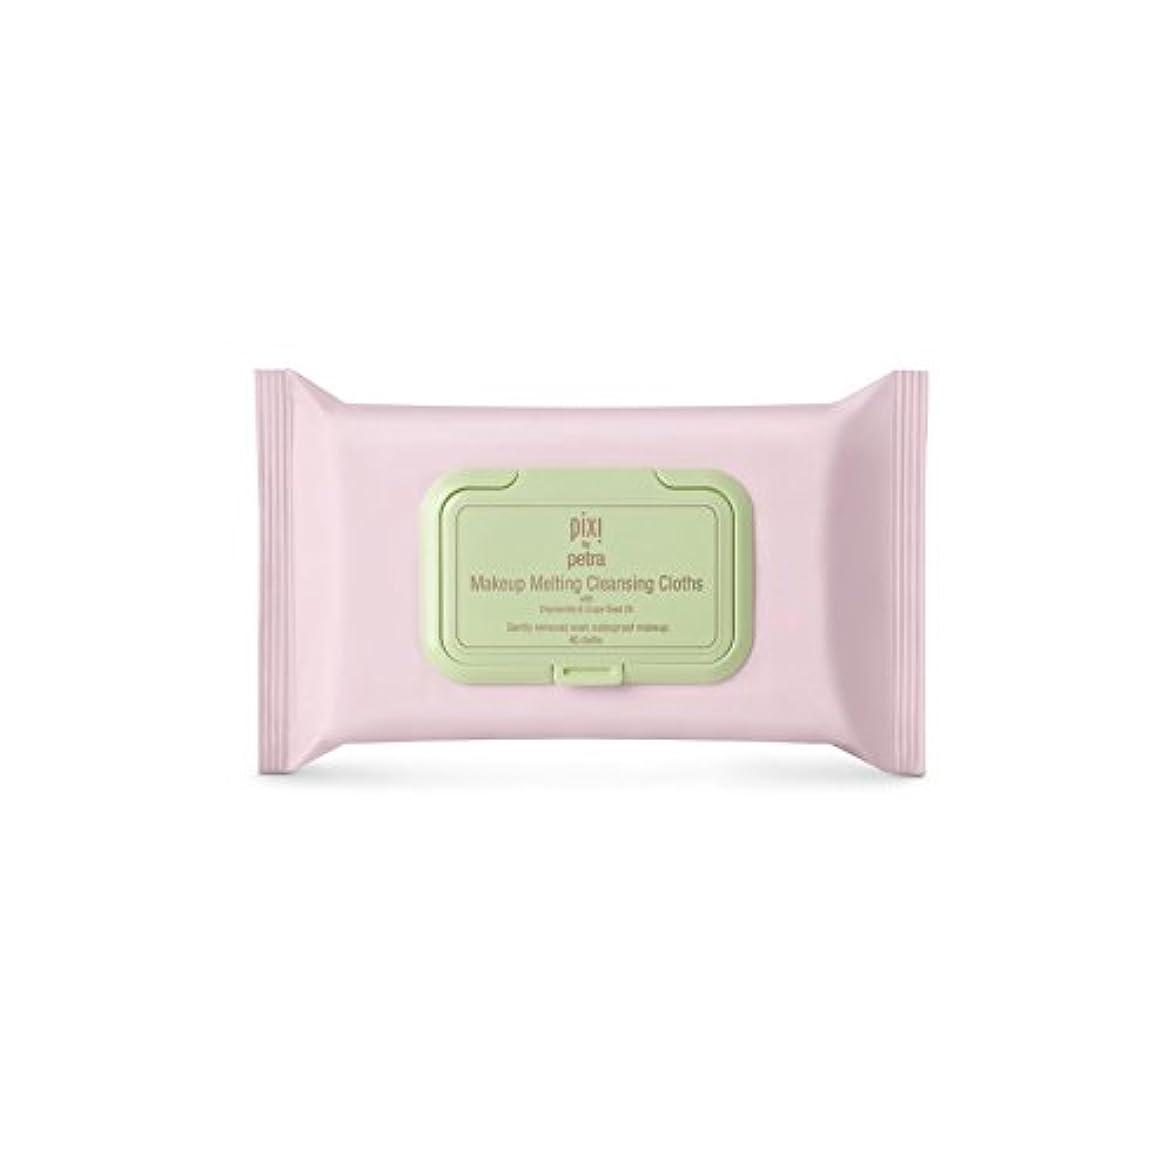 テンションコーナー招待Pixi Makeup Melting Cleansing Cloths (Pack of 6) - 化粧溶融クレンジングクロス x6 [並行輸入品]